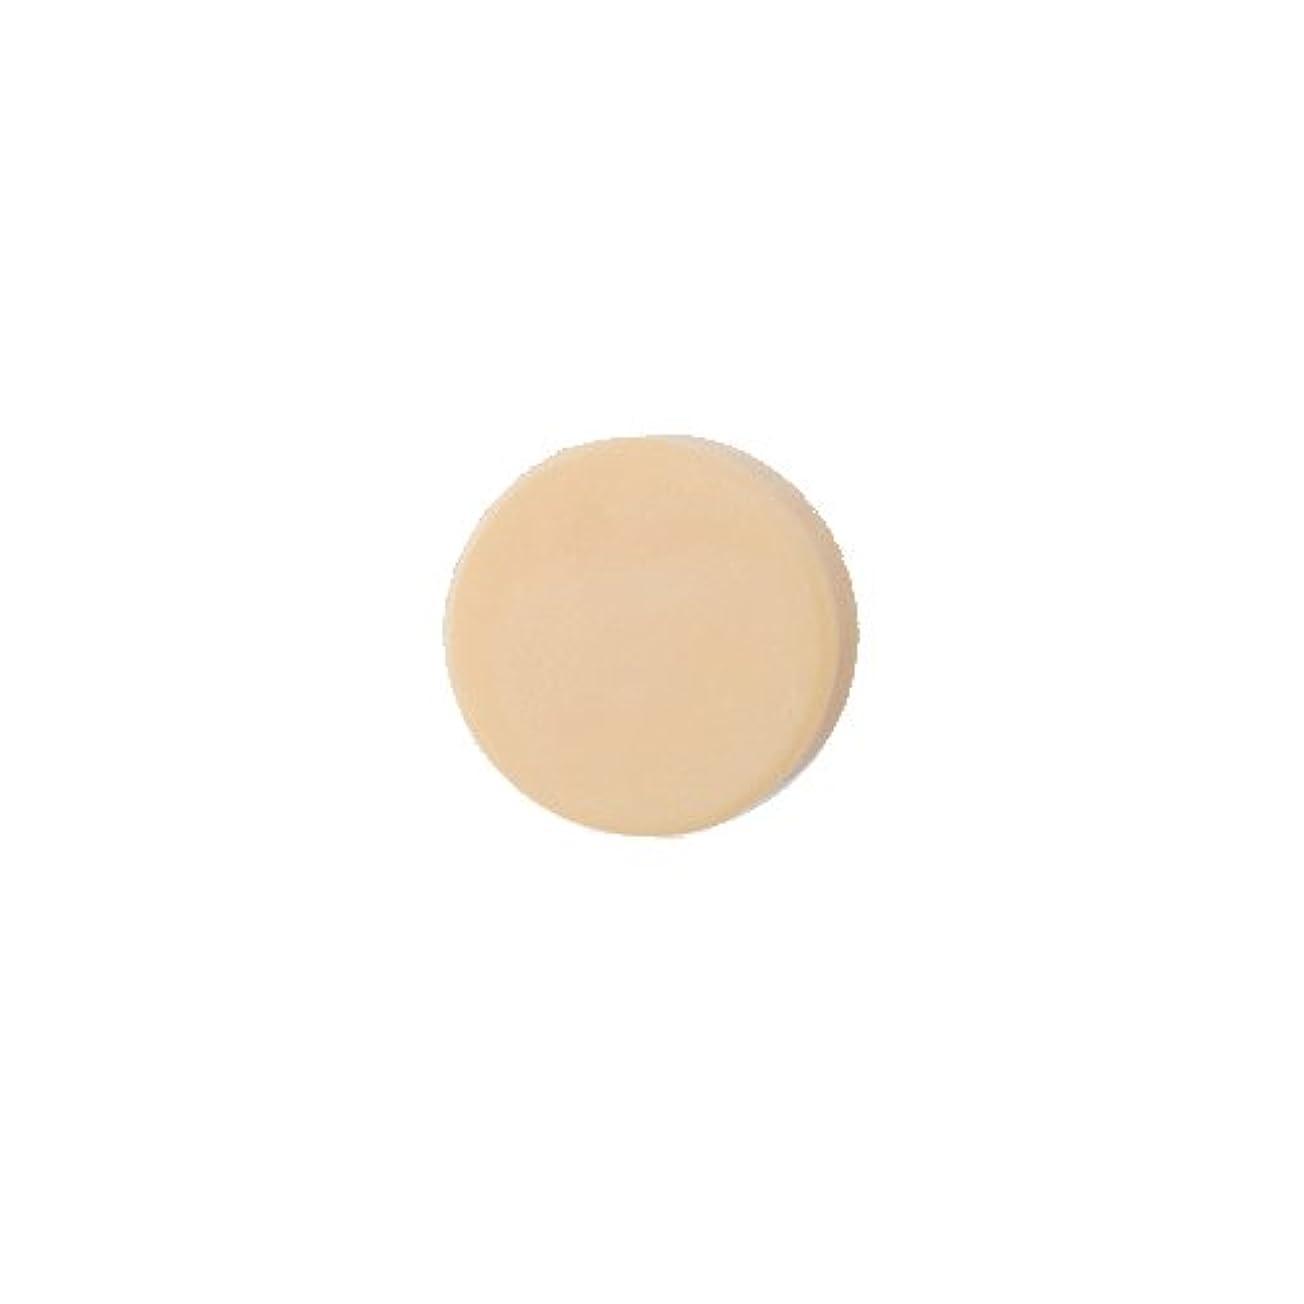 ピアニスト降伏お客様こだわりコールド製法の無添加でオーガニックな洗顔石鹸 マザーウッド&シルクソープ 75g